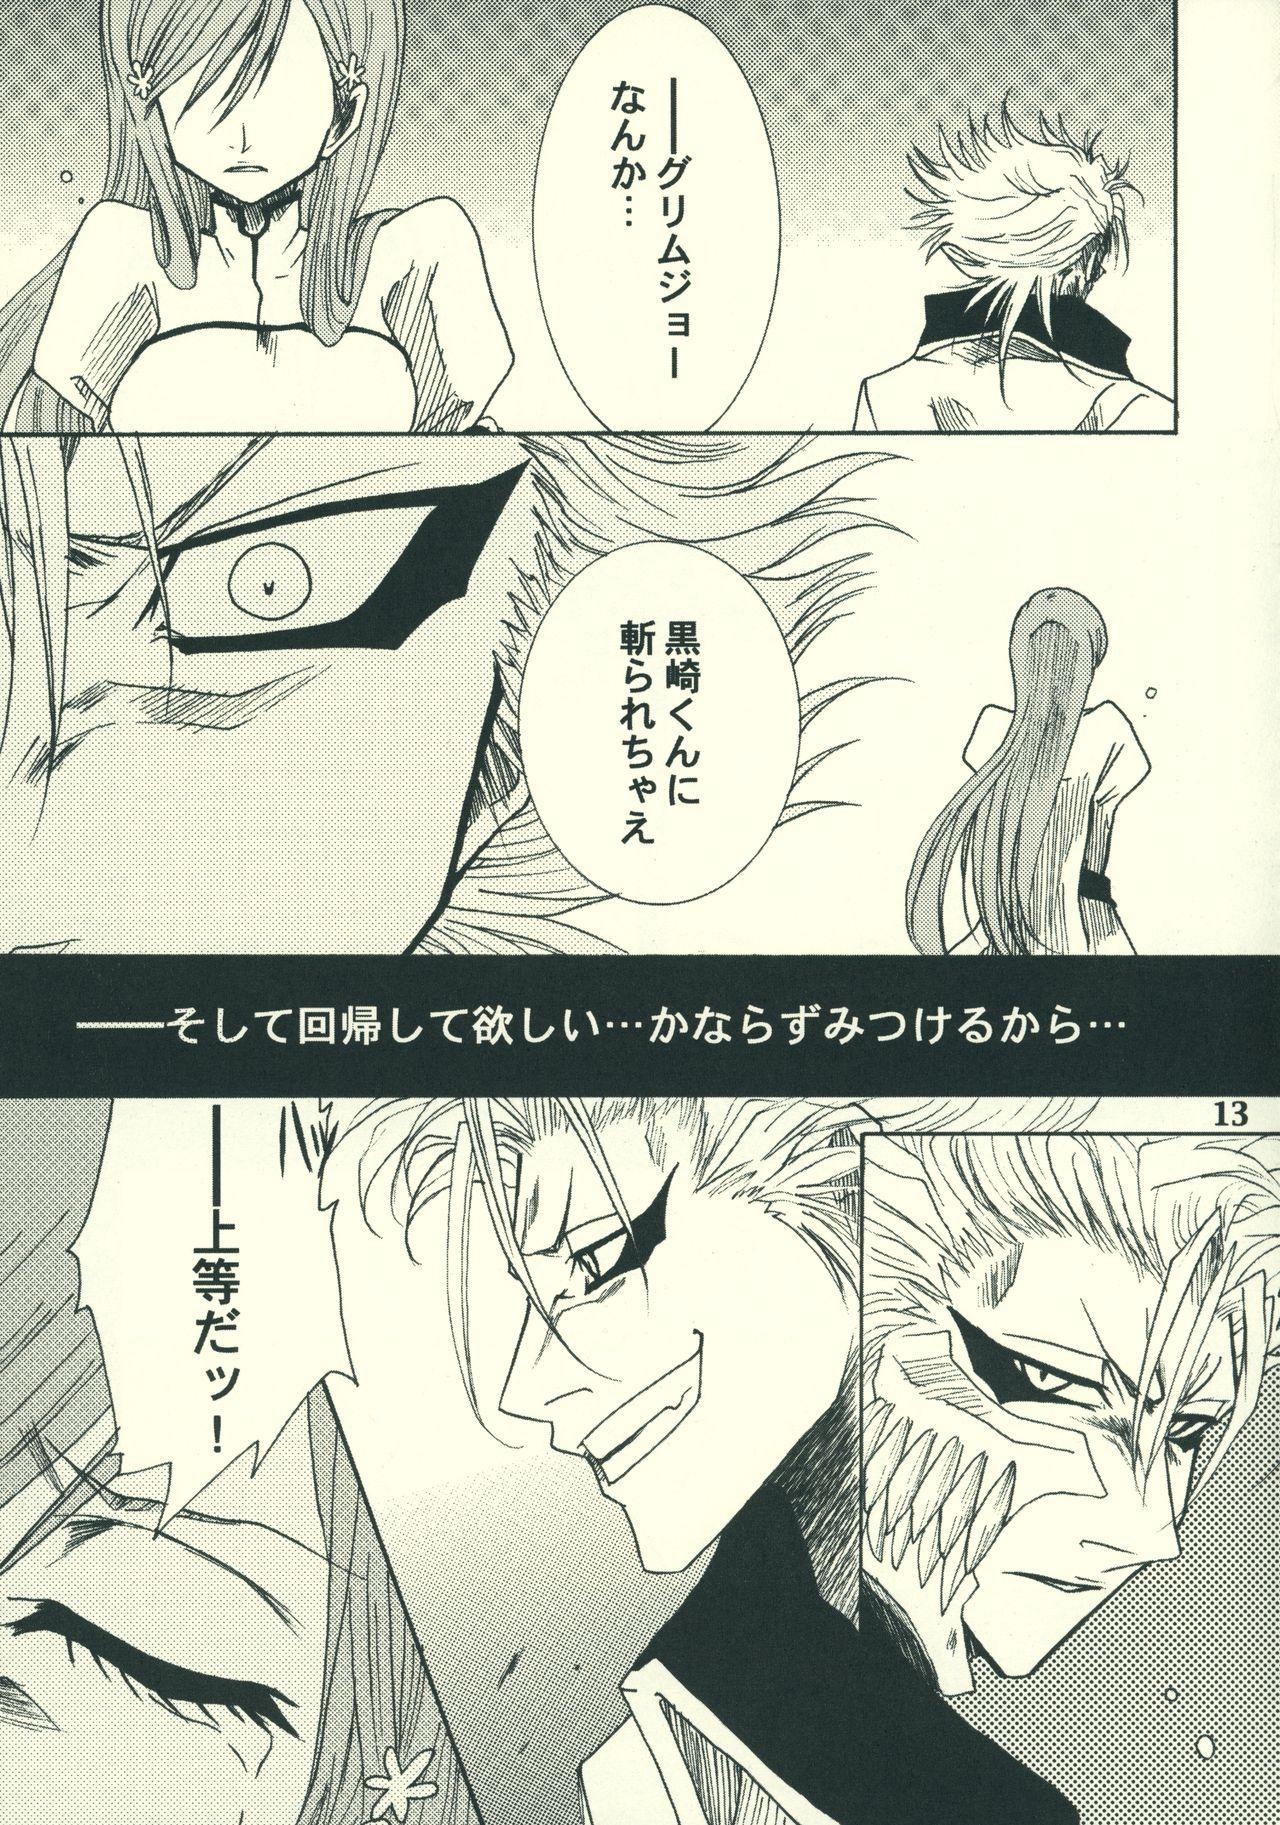 Shinjitsu no Kakera 11